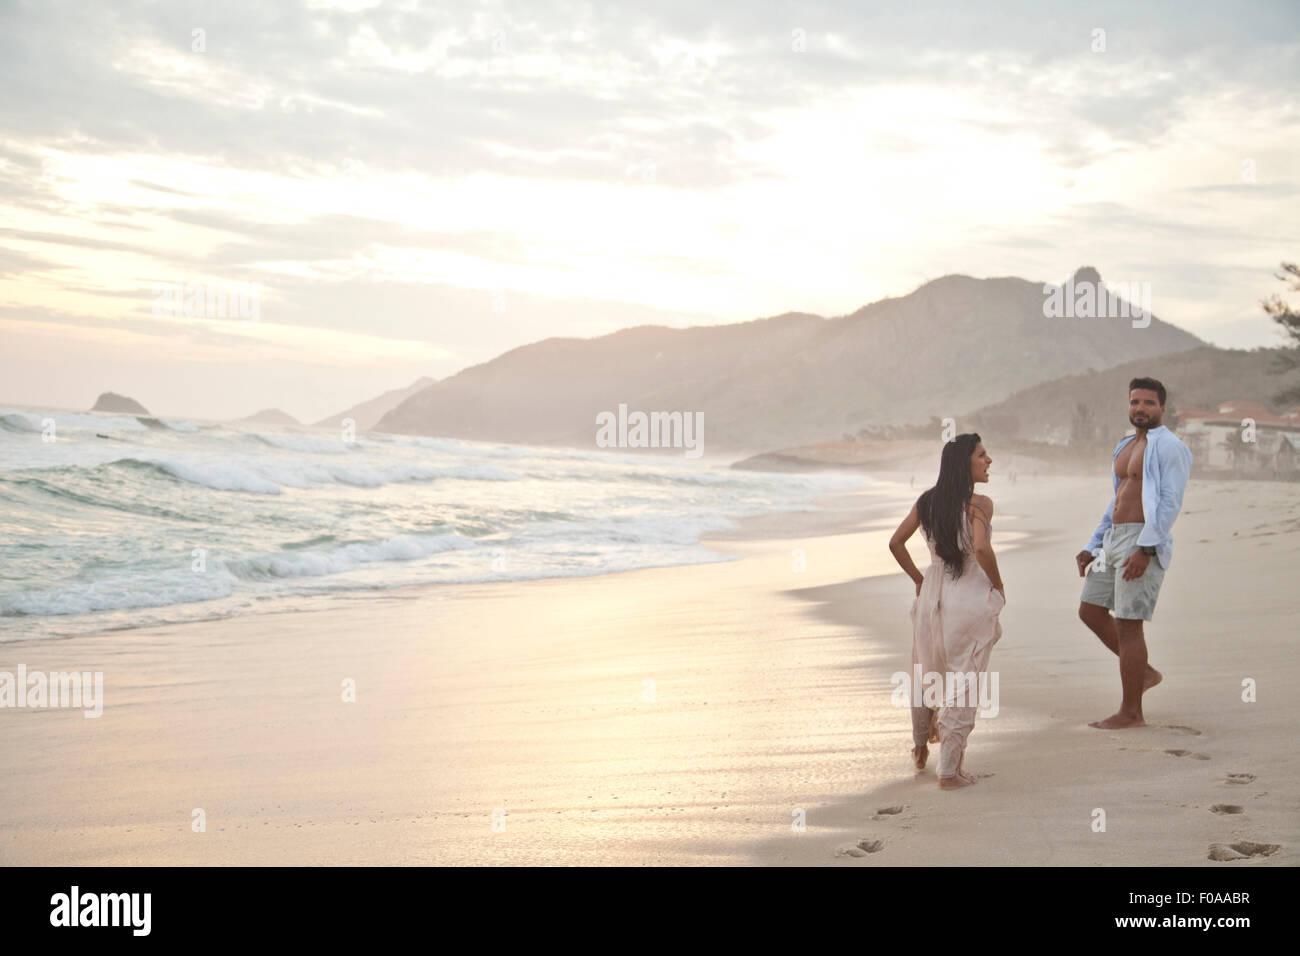 Metà adulto giovane sulla spiaggia, Rio de Janeiro, Brasile Immagini Stock